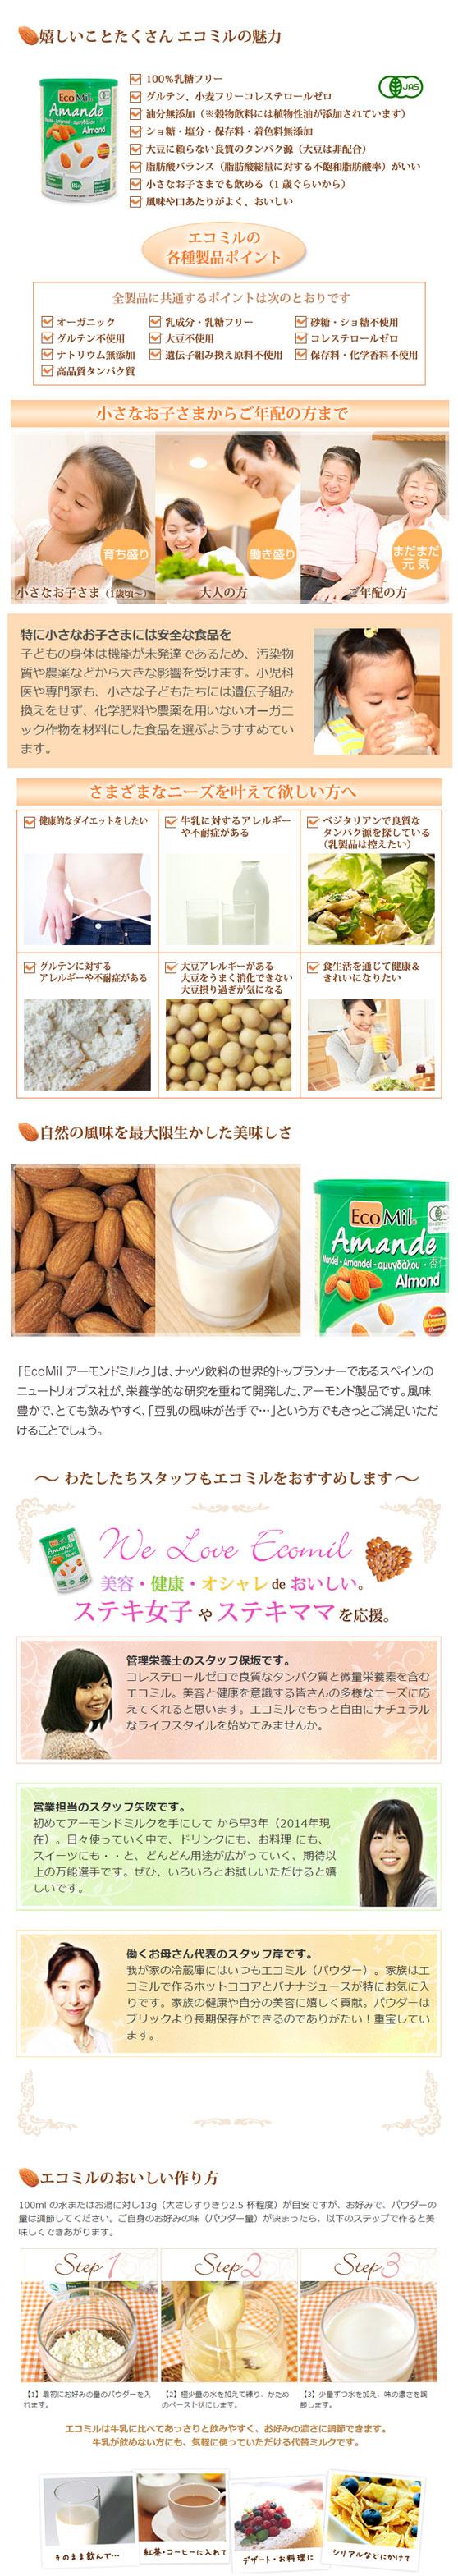 アーモンドミルク「エコミル」の魅力、スタッフもおすすめ